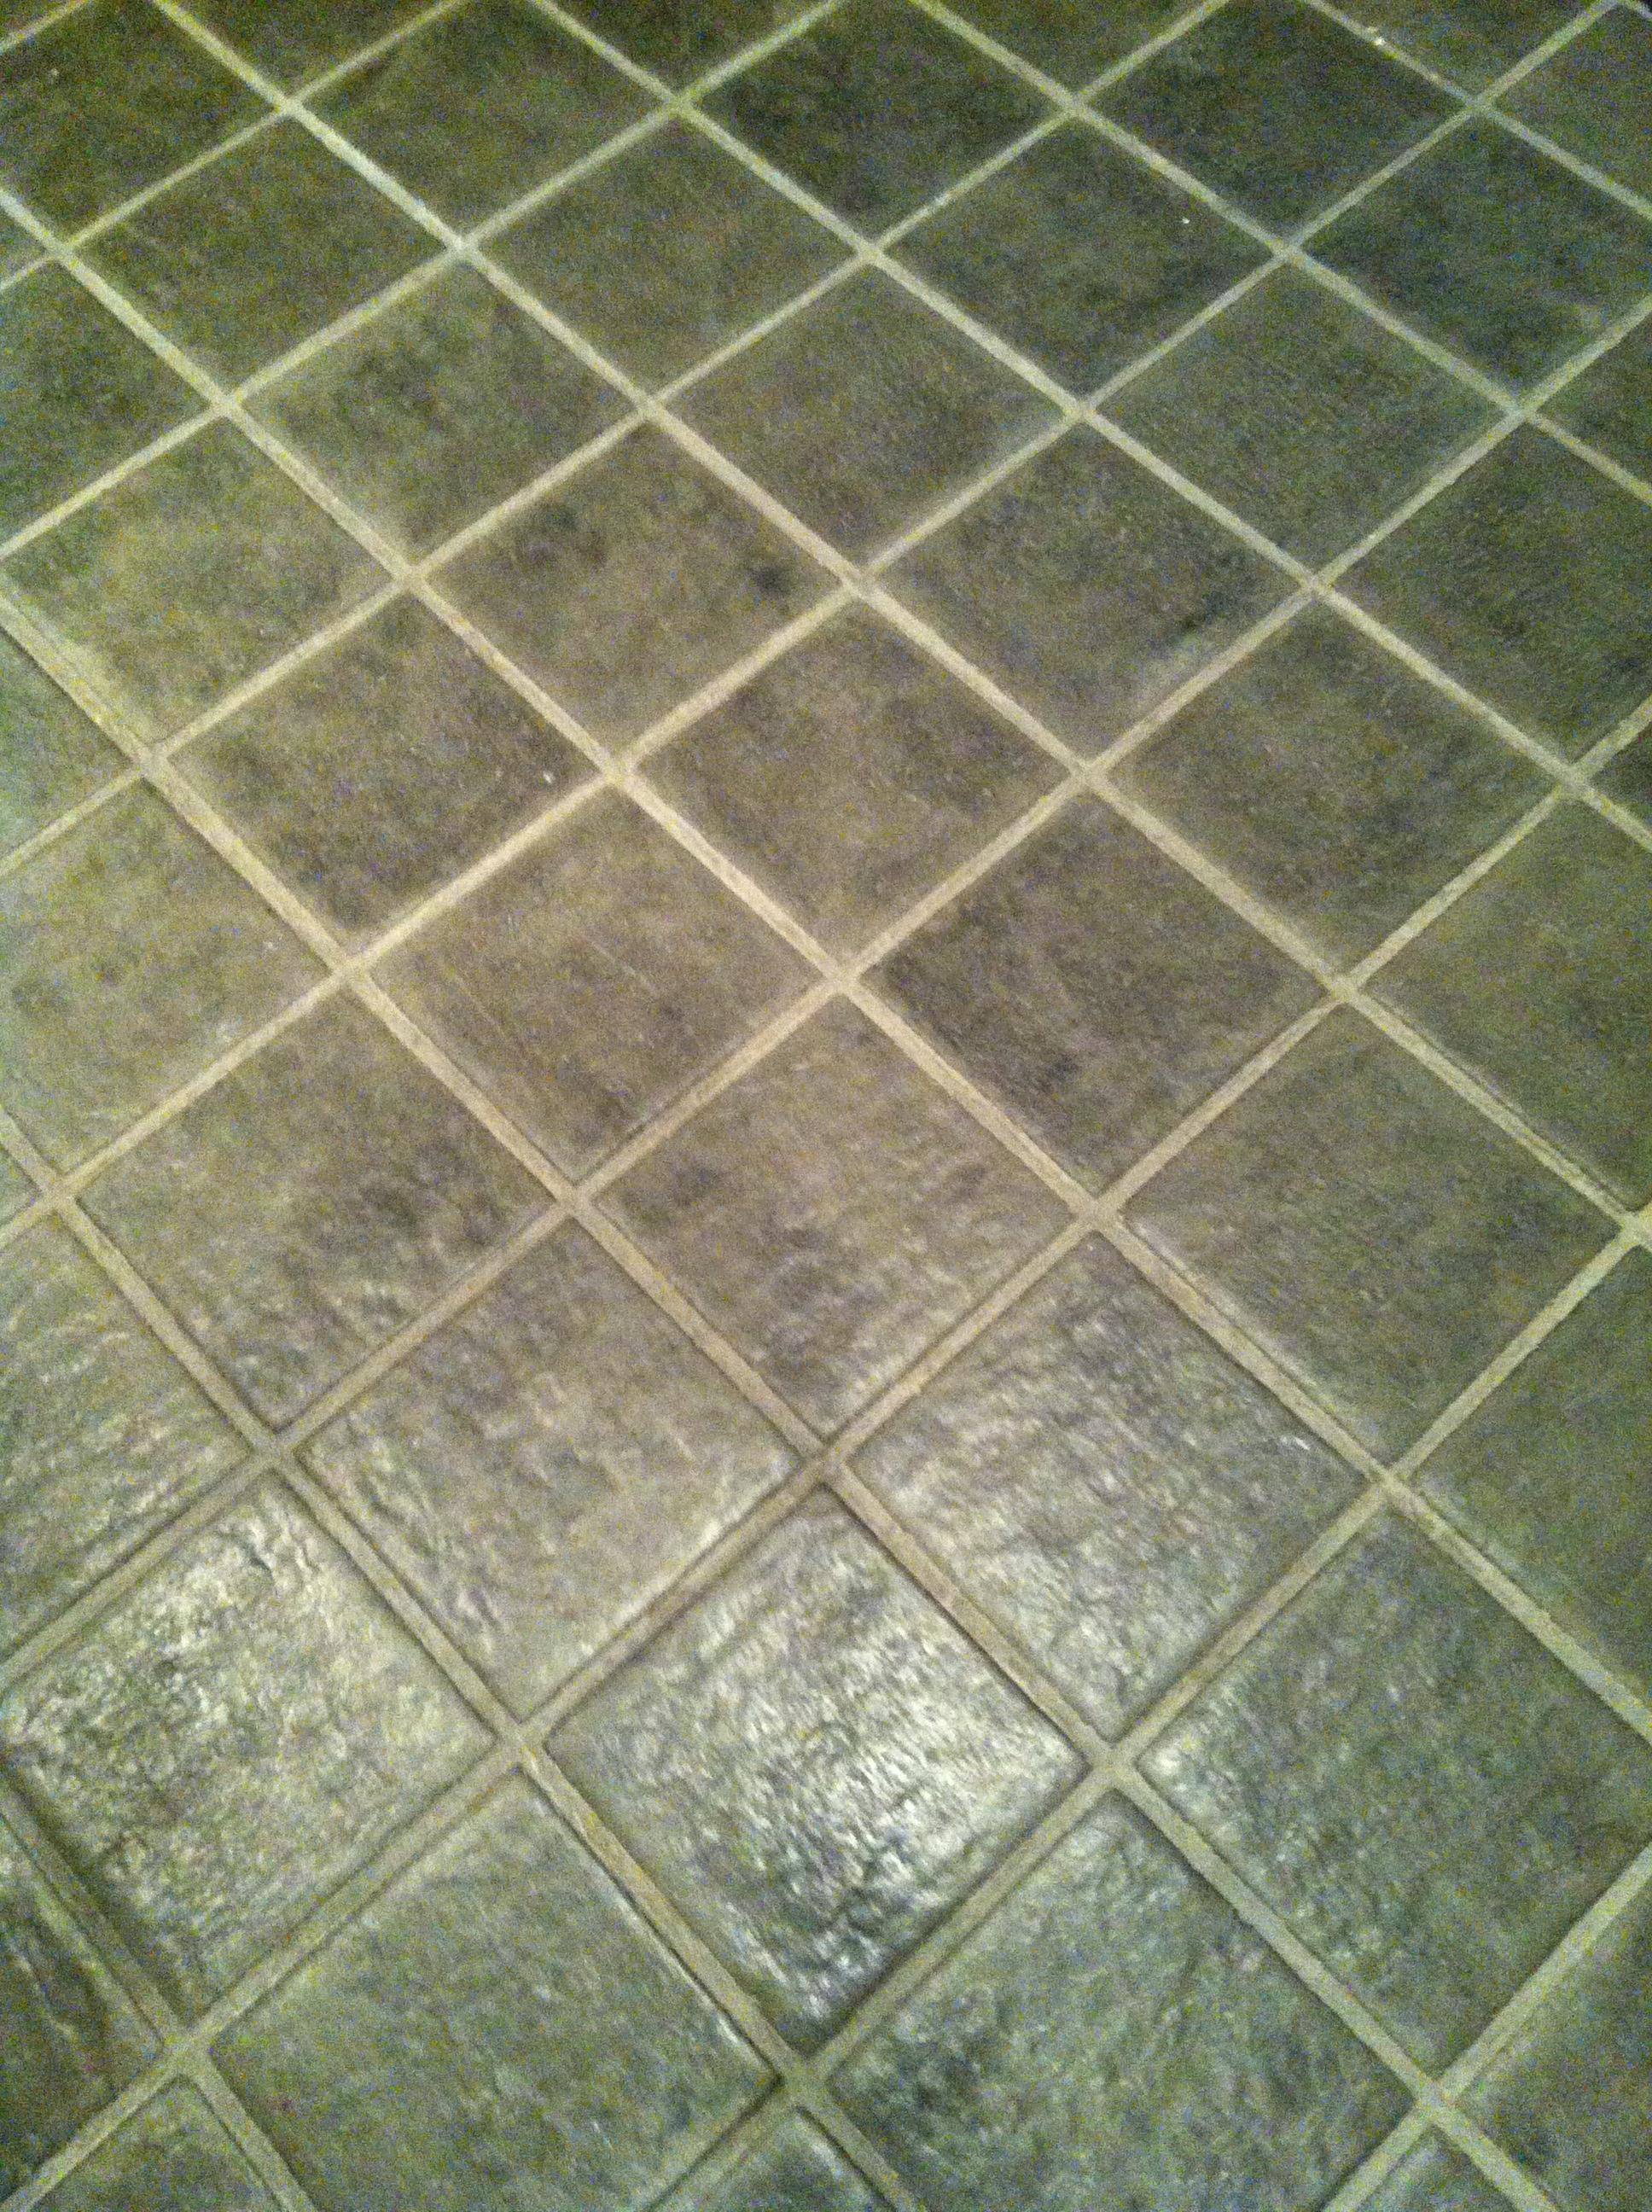 Black Tile Floor.JPG